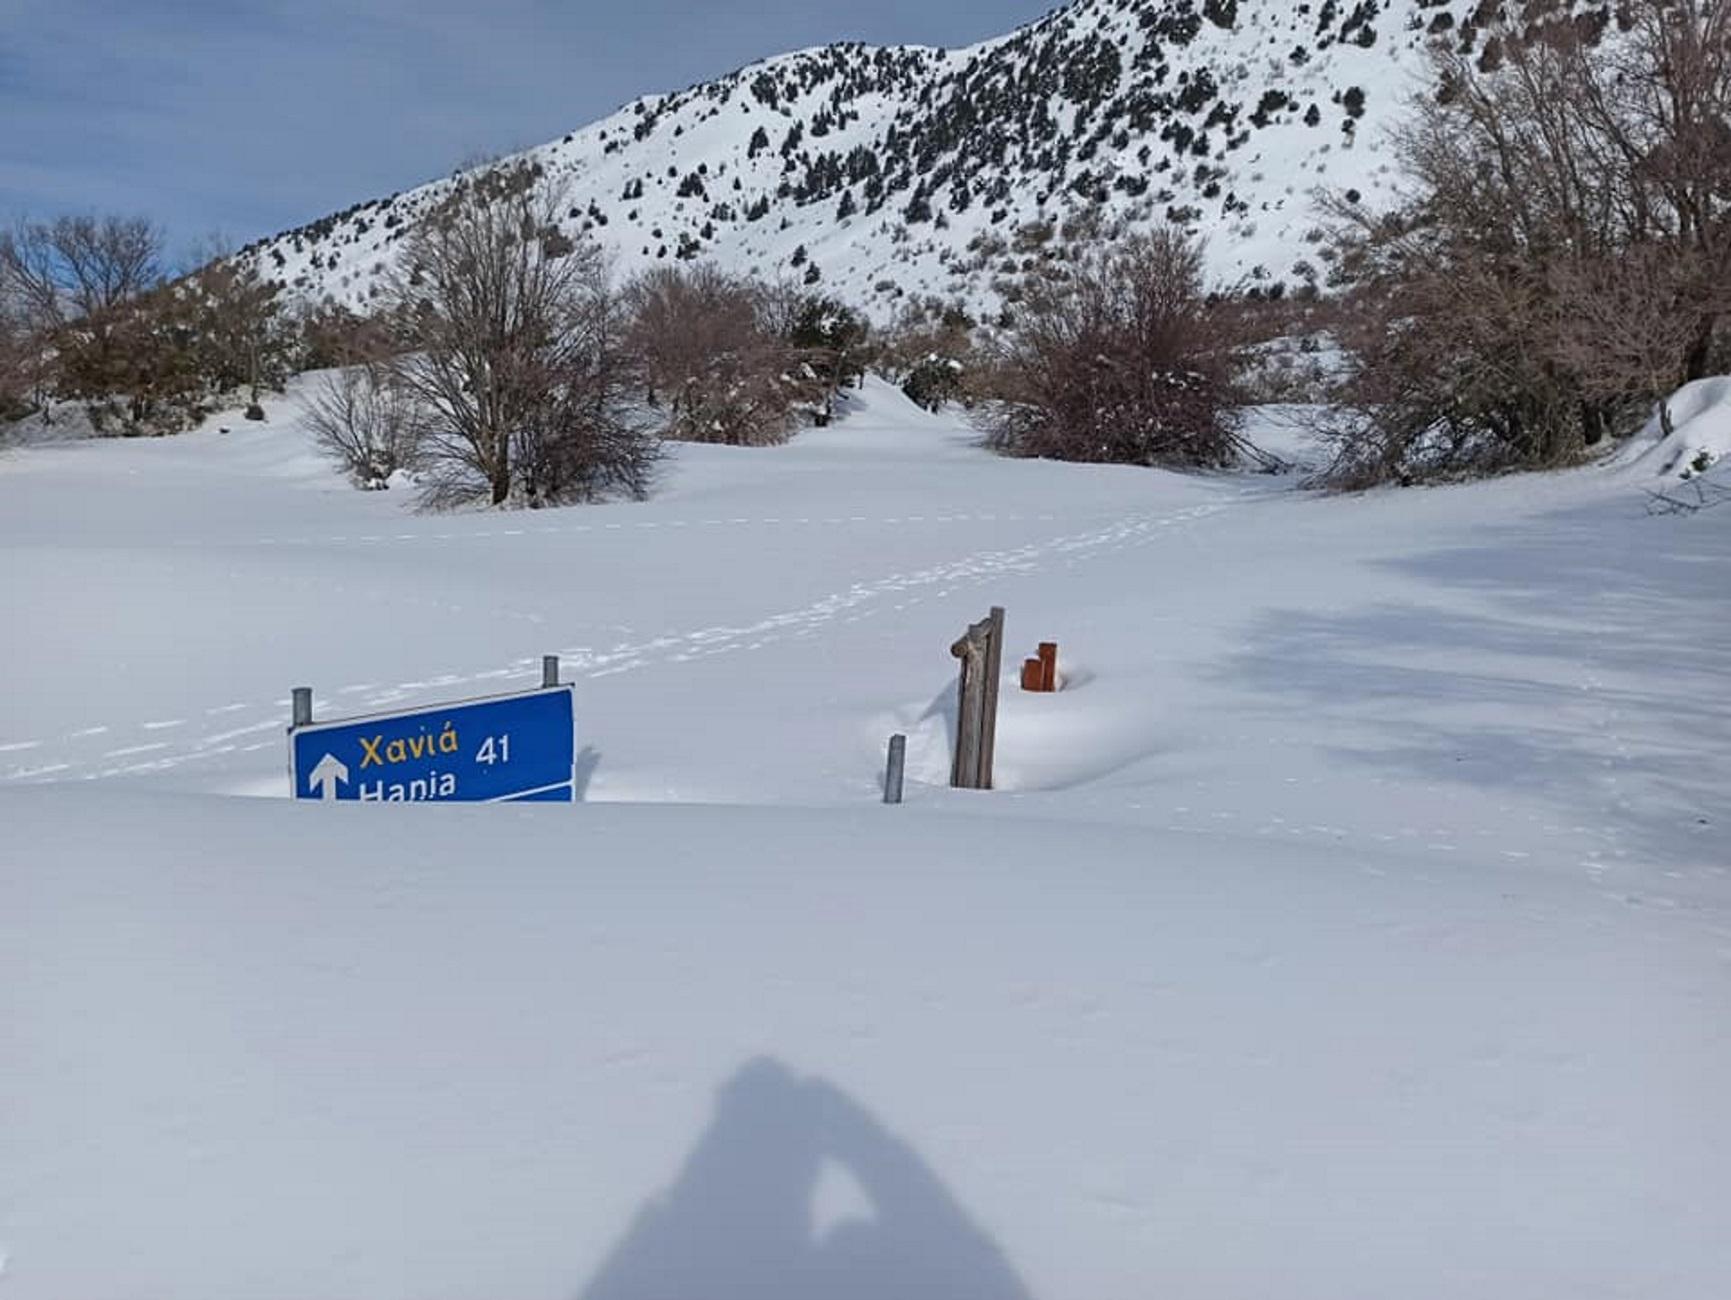 Κρήτη: Τα χιόνια σκέπασαν το φαράγγι της Σαμαριάς! Εκπληκτικές εικόνες σε ένα τοπίο λευκό [pics, video]